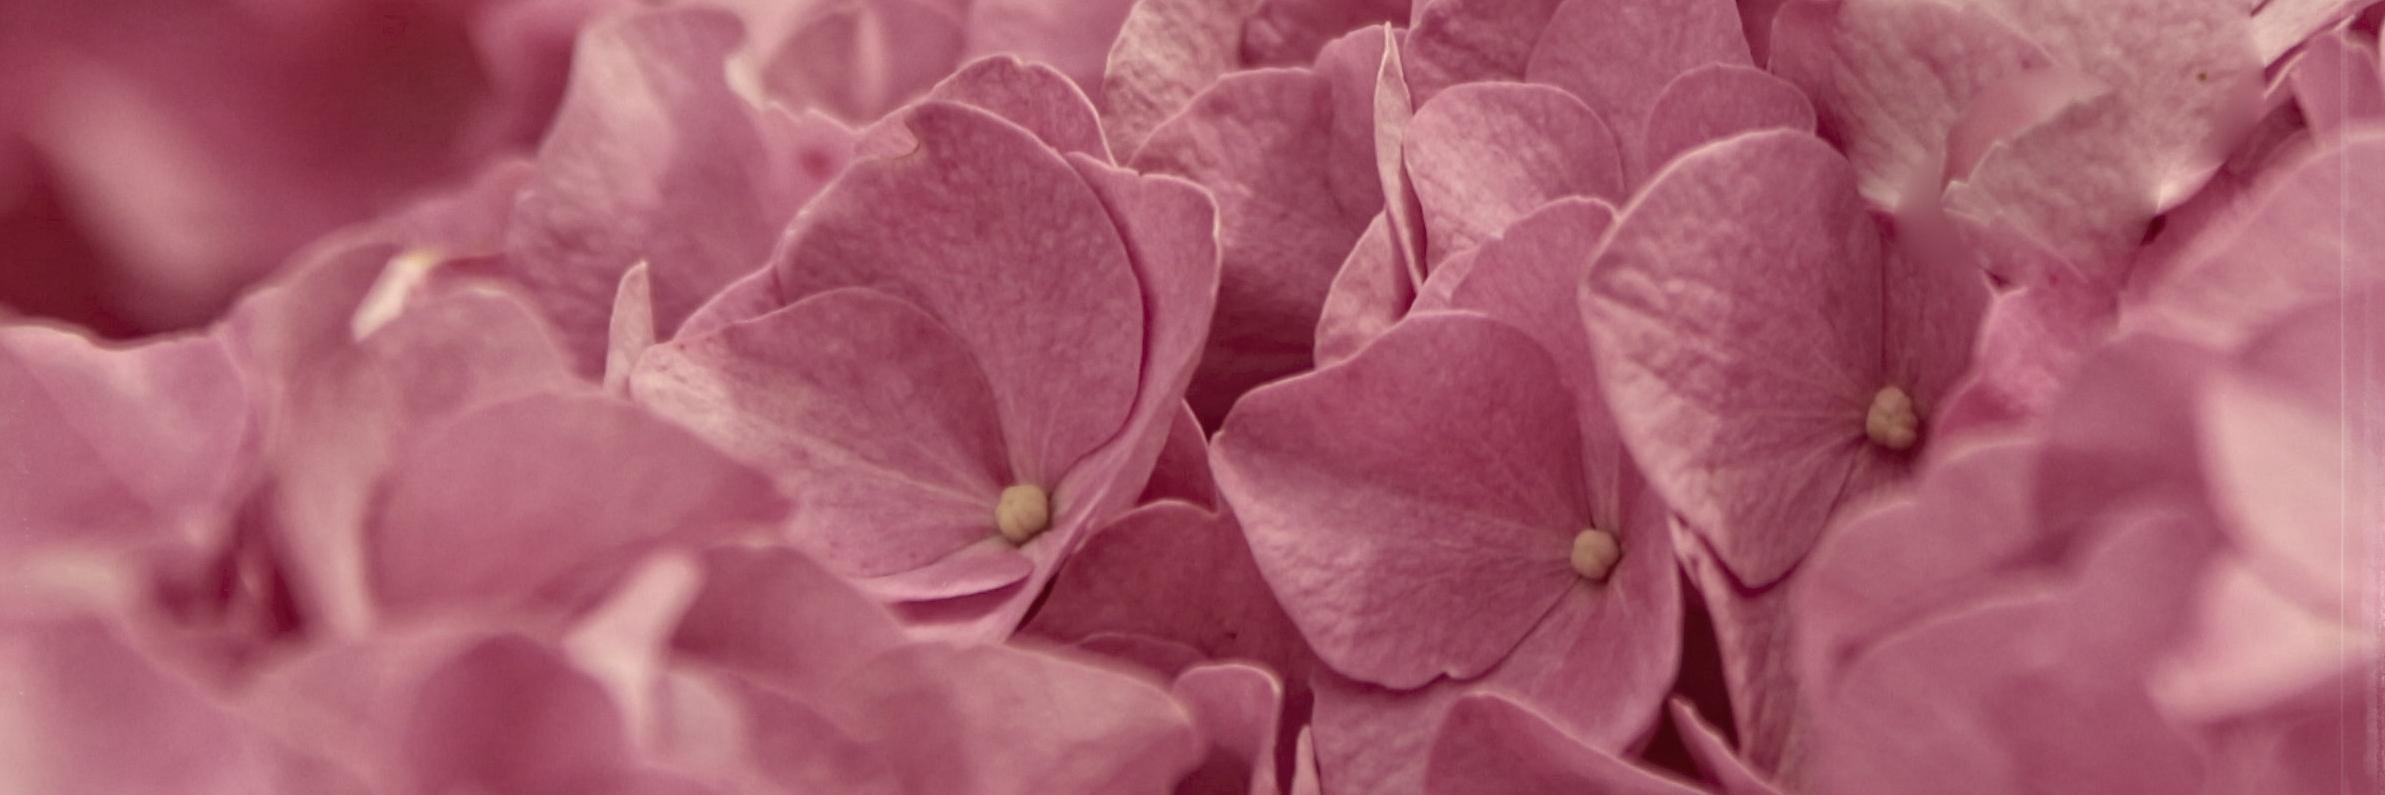 hortensiahortensia